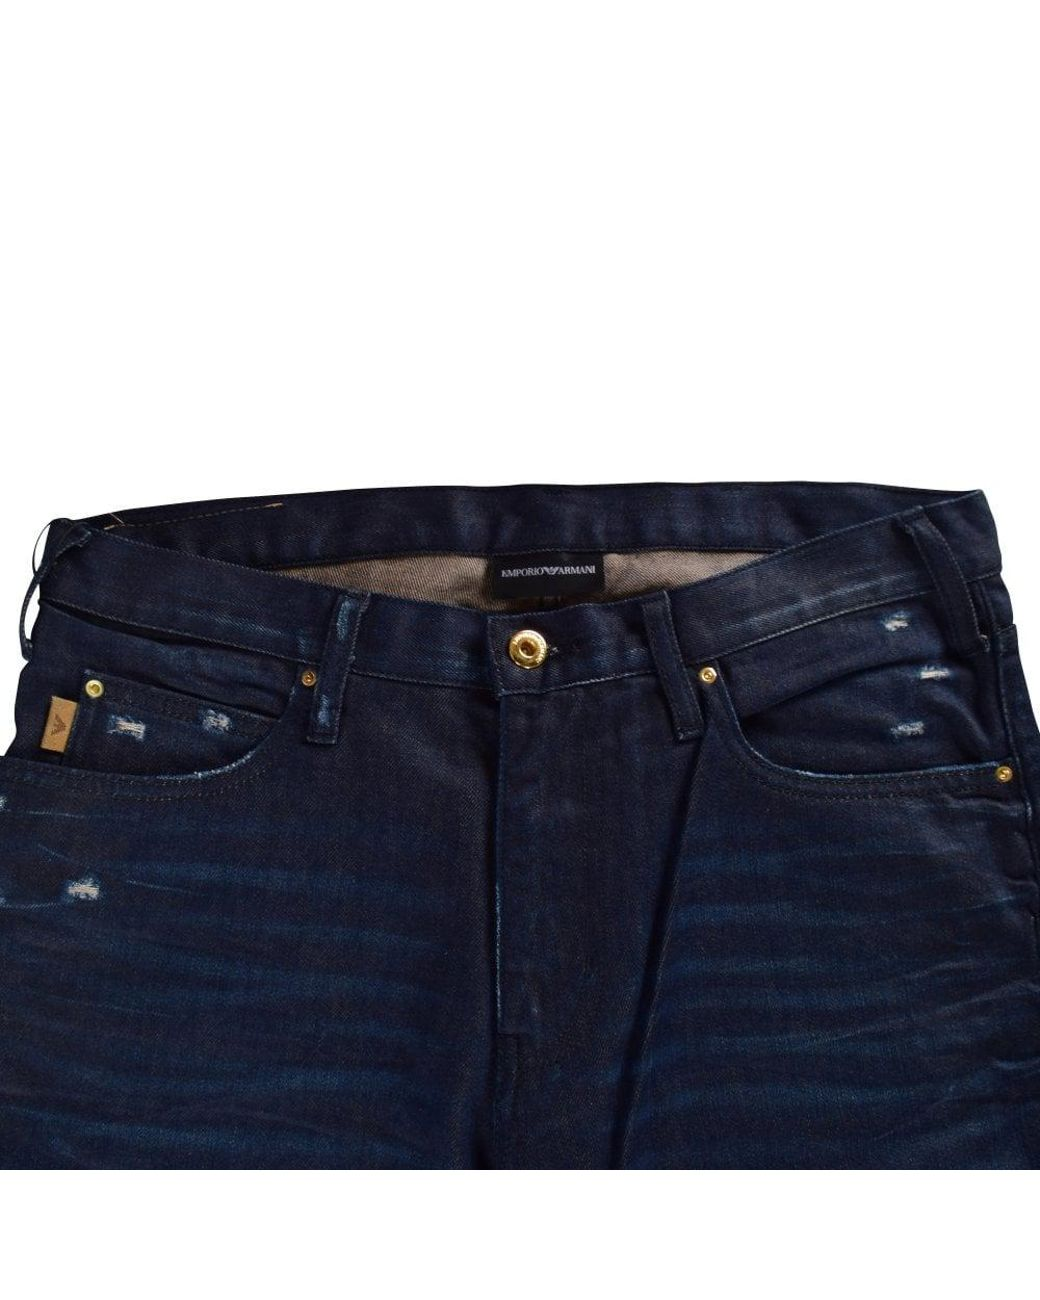 e49e3907 Emporio Armani Dark Blue J45 Regular Fit Jeans in Blue for Men - Lyst